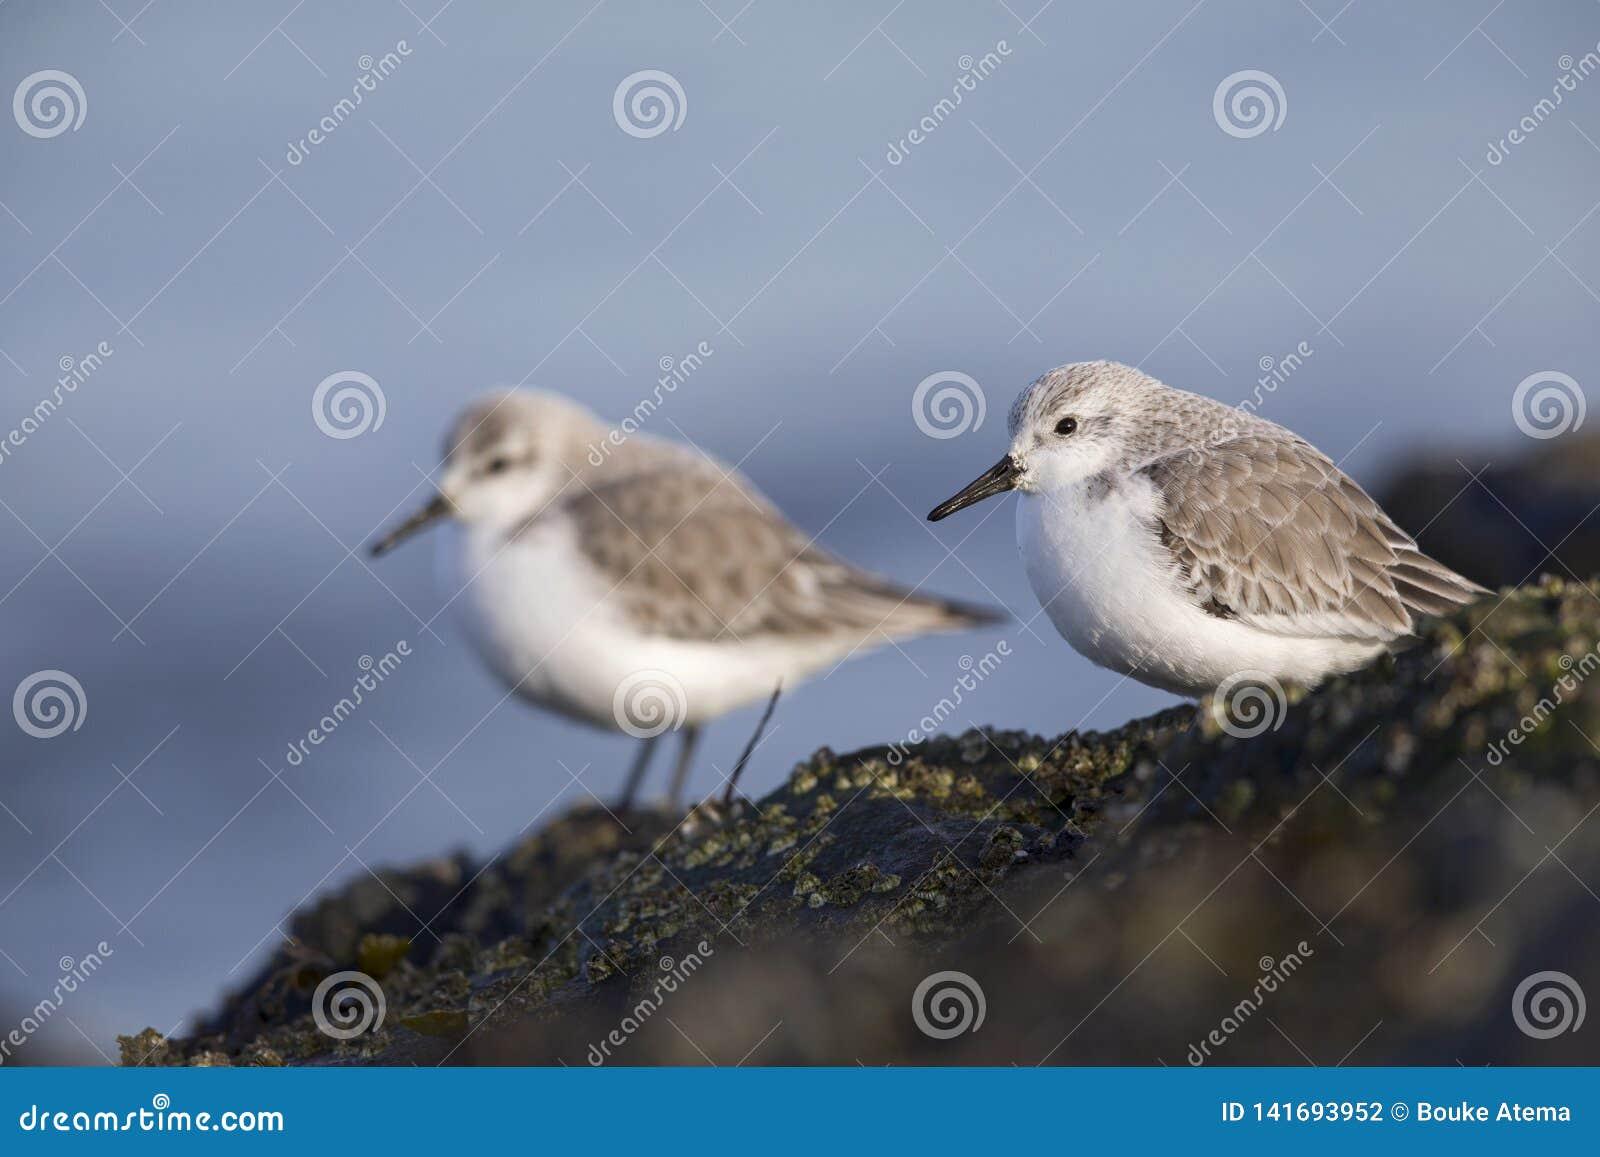 Un par de sanderling encaramado en una roca a lo largo de la costa holandesa en el invierno en el Mar del Norte